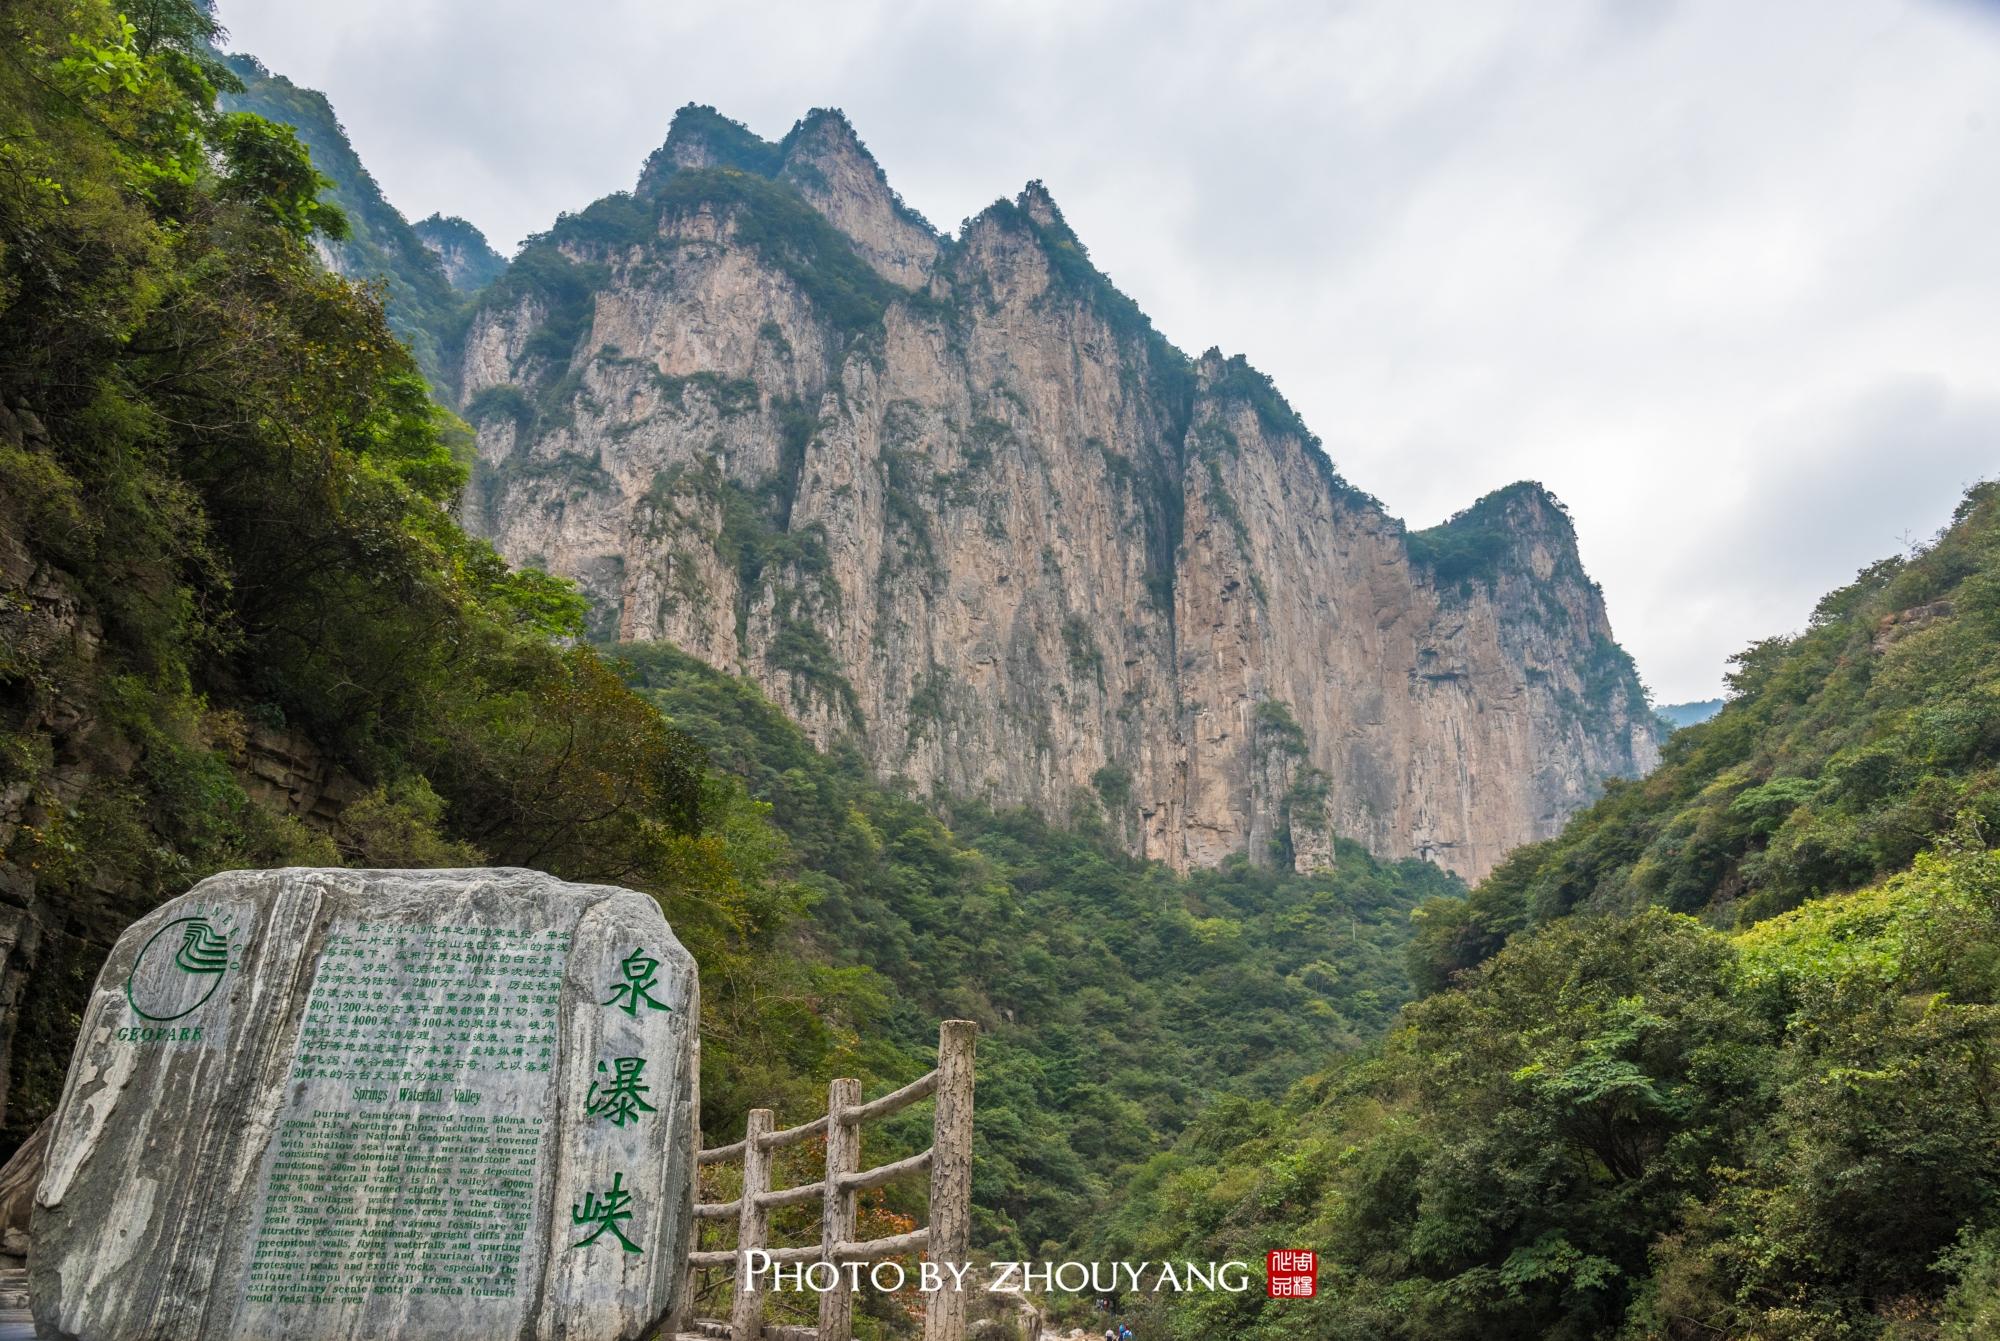 亚洲单级落差最大的瀑布——天台瀑布 泉瀑峡的终点!